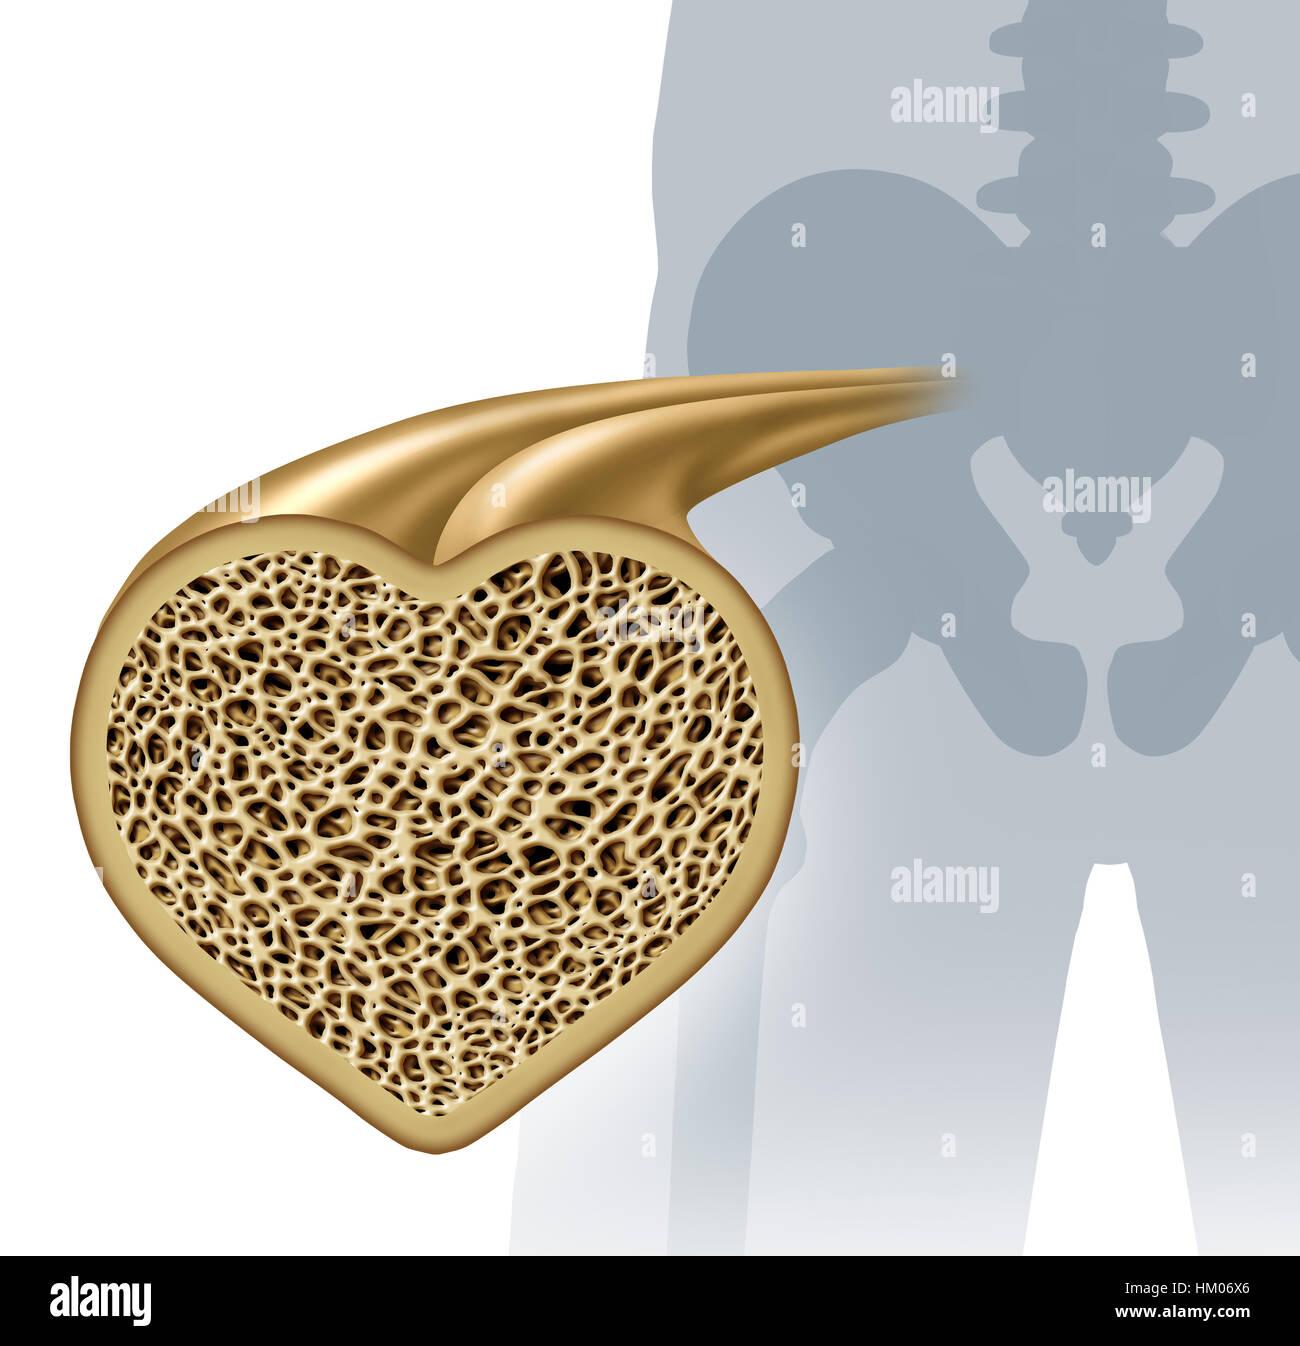 Knochen-Gesundheit und Osteoperosis Prävention Konzept als einer ...